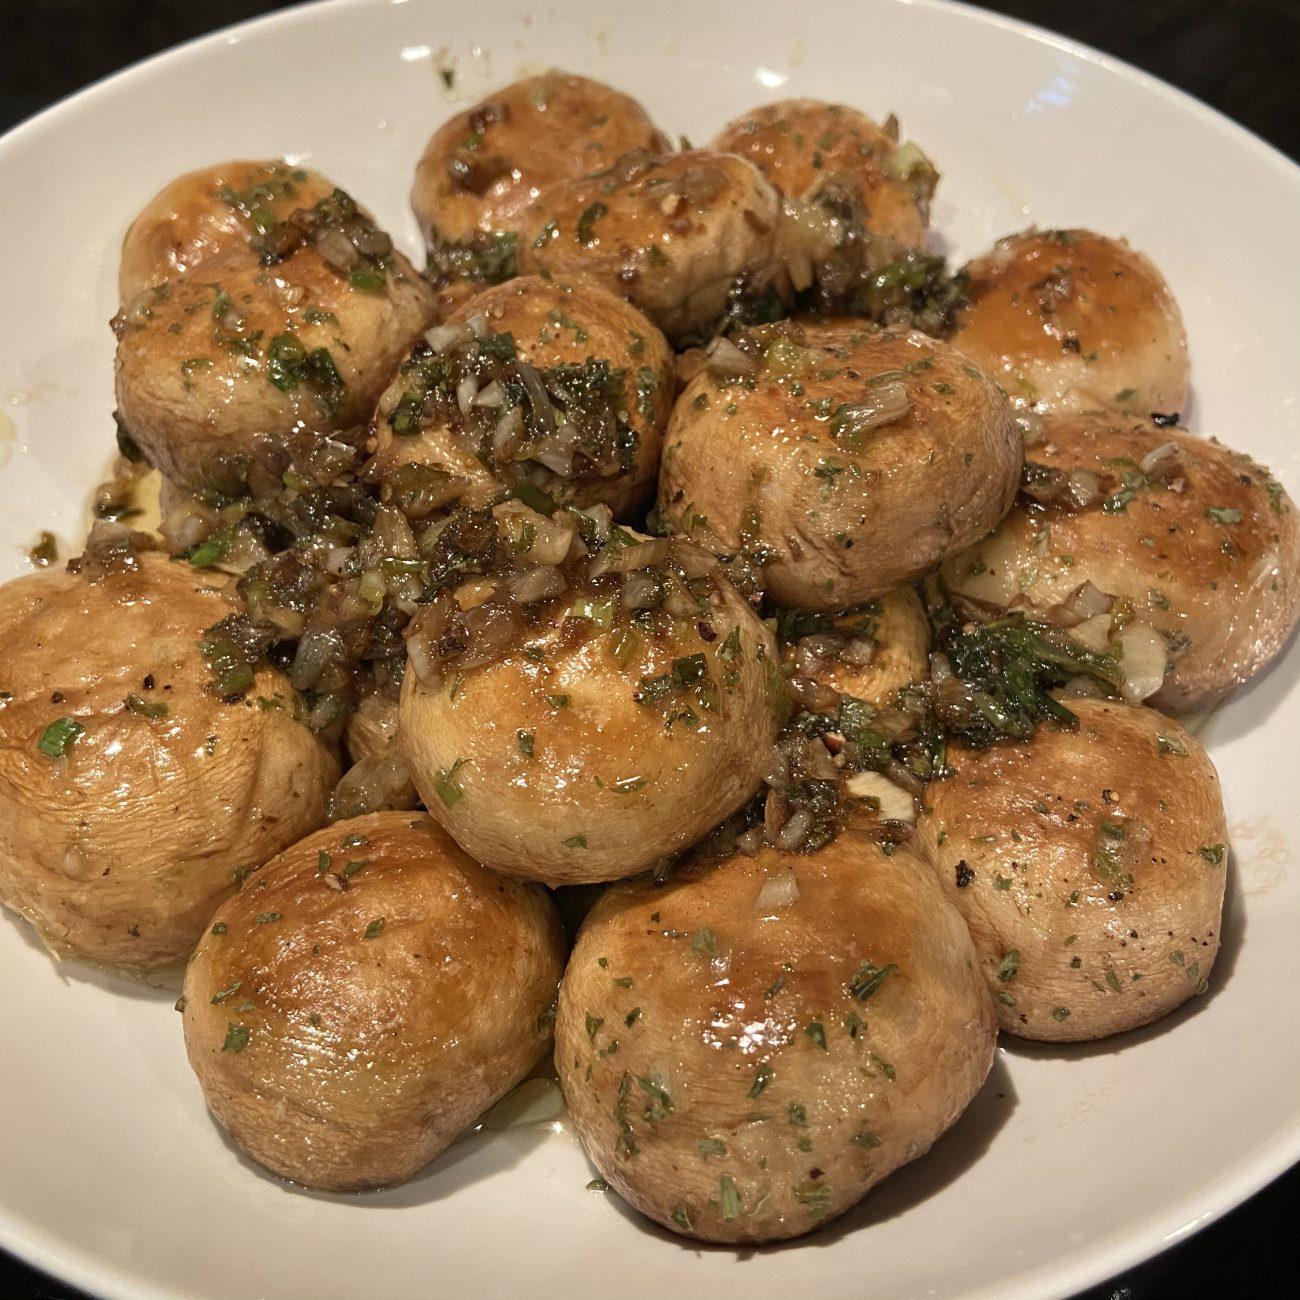 Scallion and Garlic baked Mushroom from Japanese TV show Kodoku No Gurume